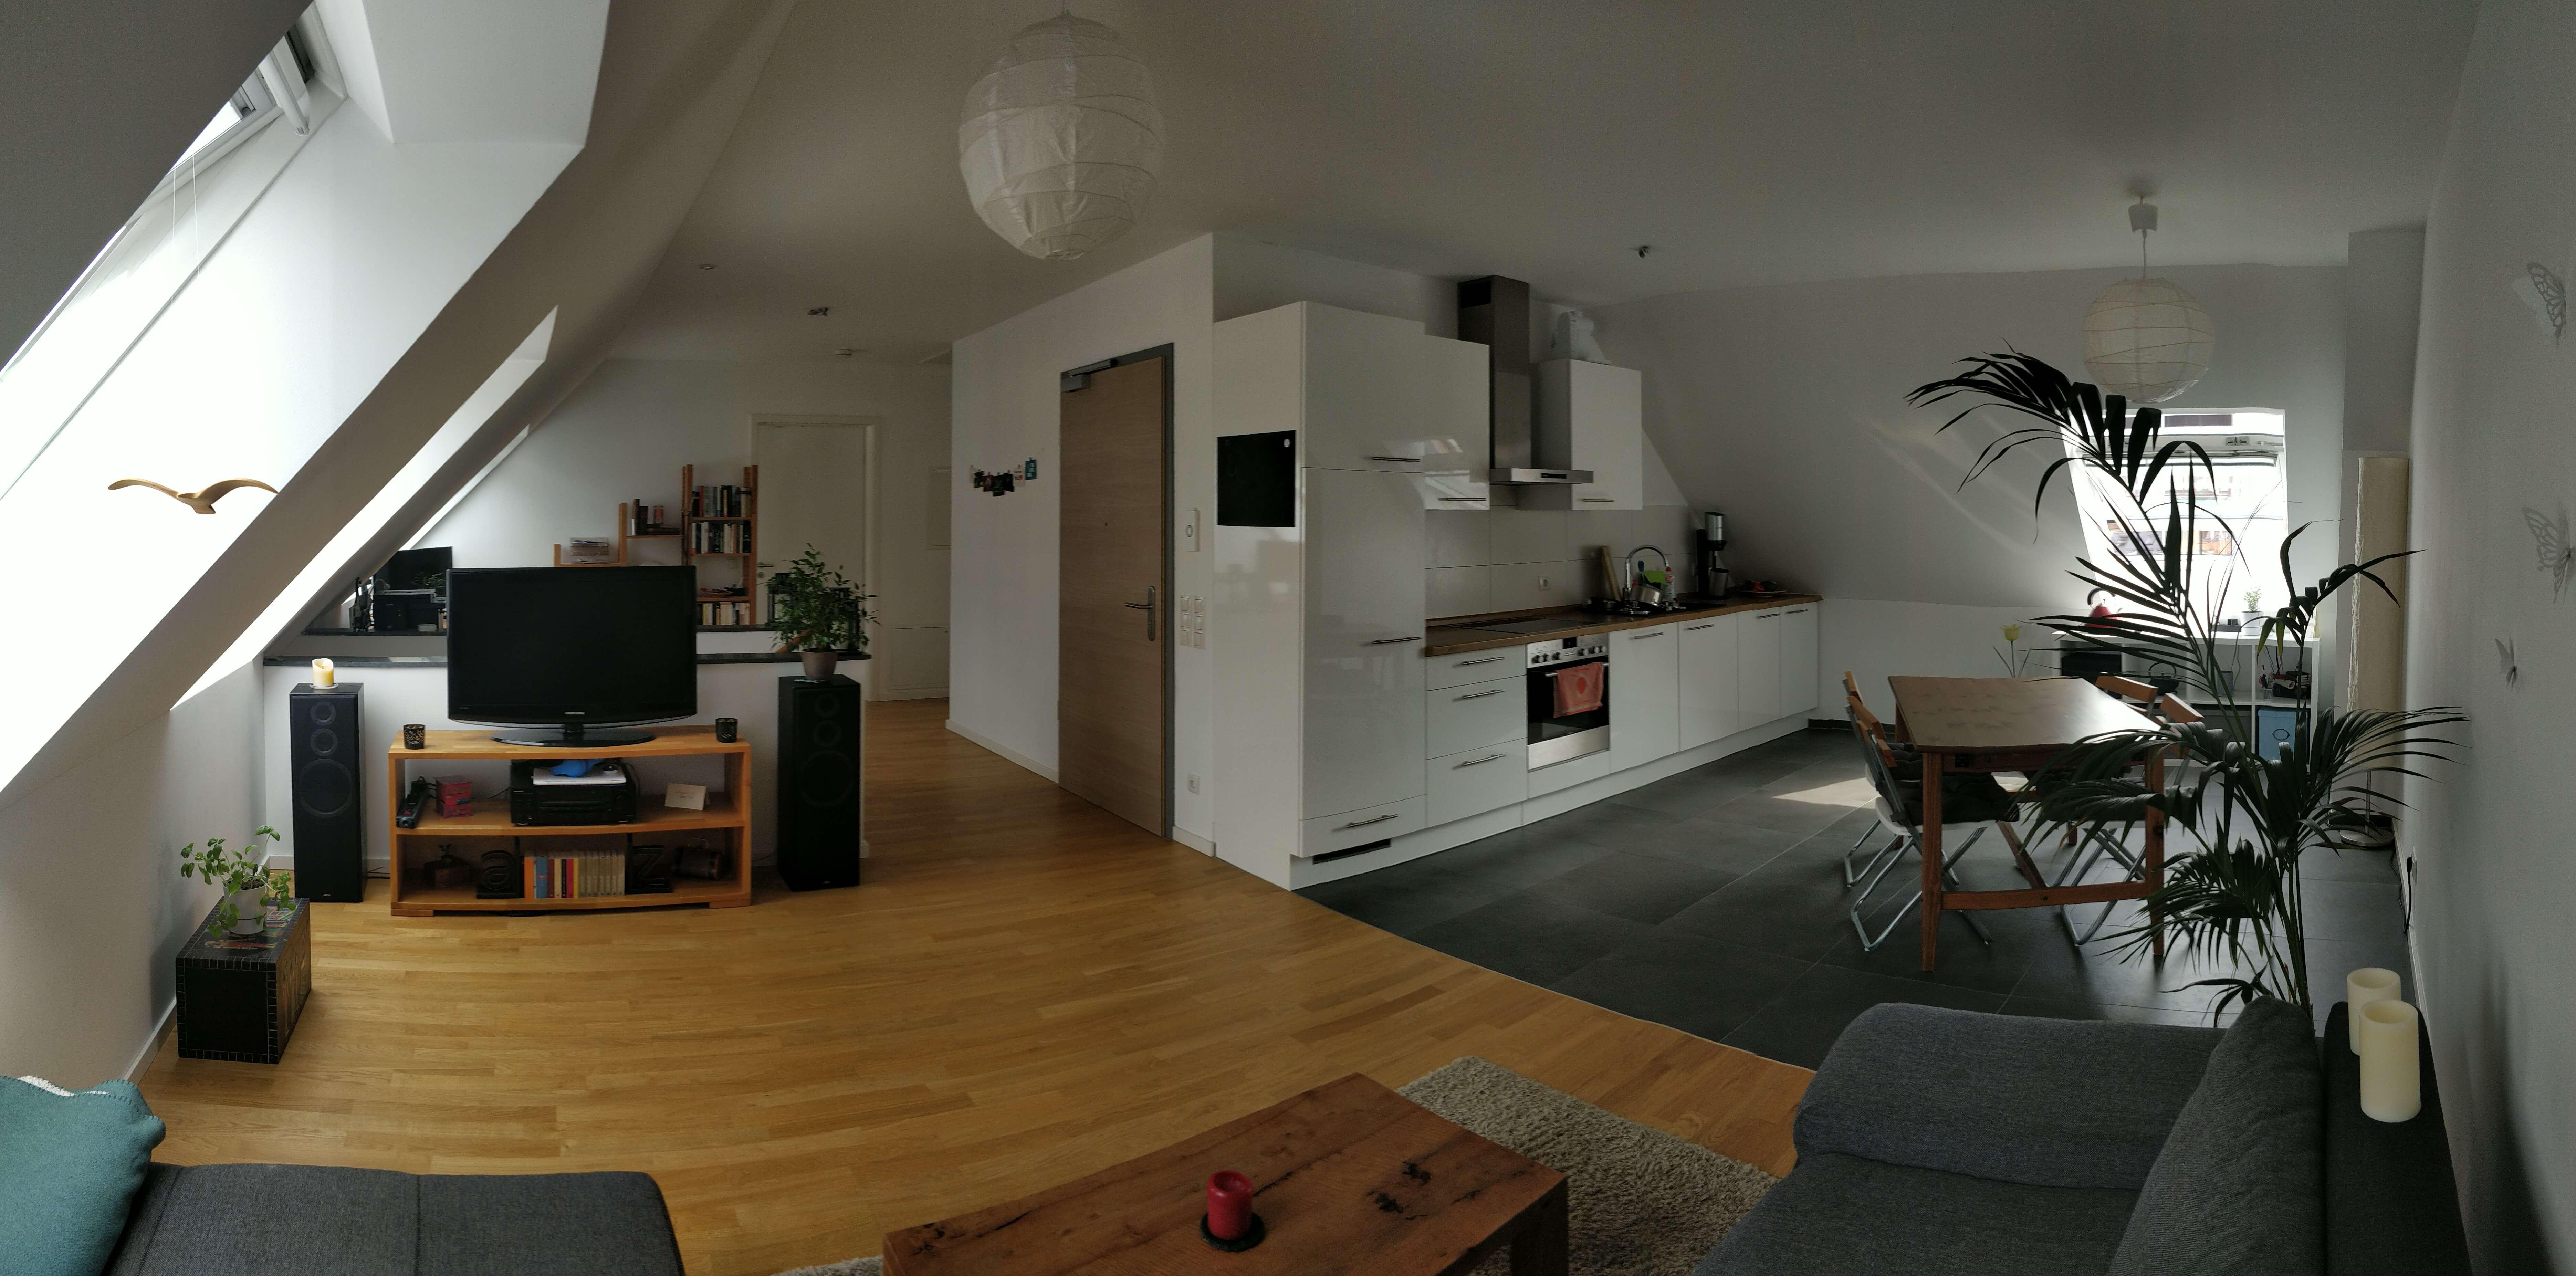 Exklusive 2,5-Zimmer-Maisonette-Wohnung mit Einbauküche & Tiefgaragenstellplatz im Zentrum in Erlangen - Zentrum (Erlangen)